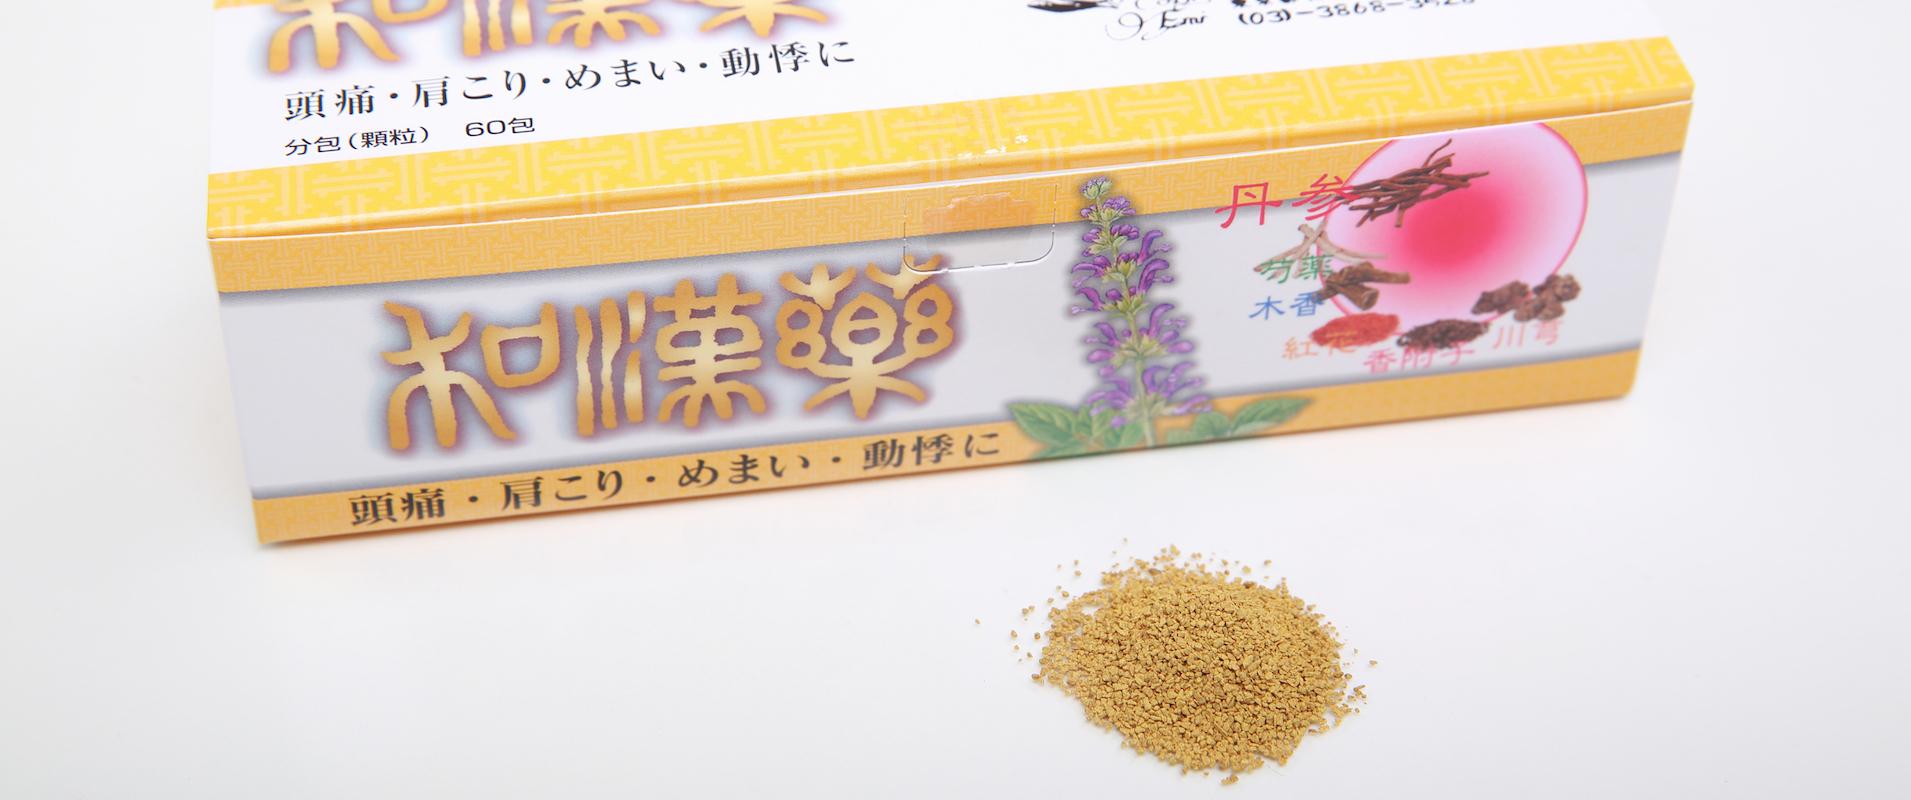 日本にある生薬材料を活かした中医学